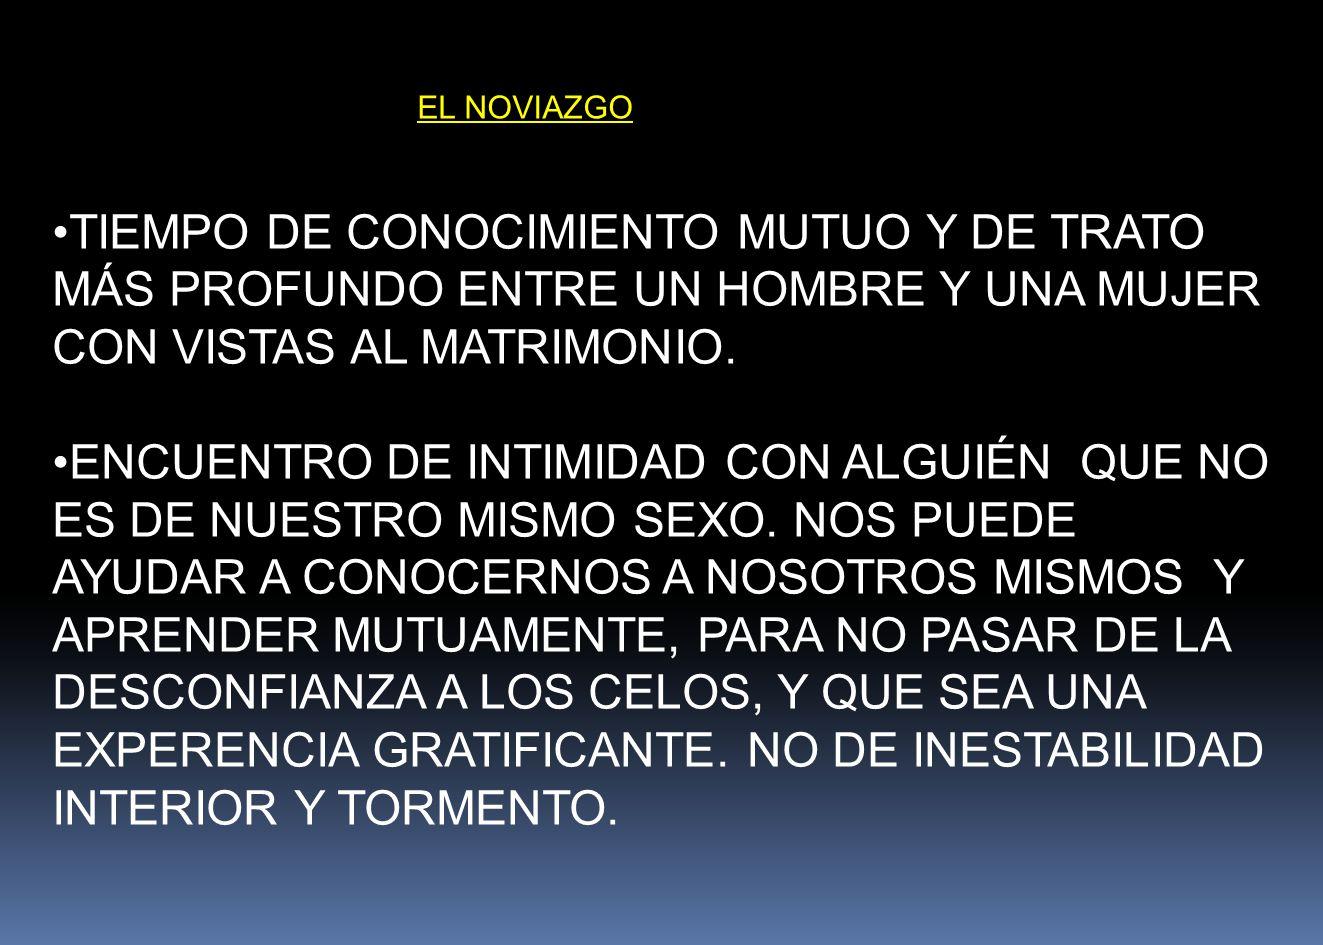 EL NOVIAZGO TIEMPO DE CONOCIMIENTO MUTUO Y DE TRATO MÁS PROFUNDO ENTRE UN HOMBRE Y UNA MUJER CON VISTAS AL MATRIMONIO.